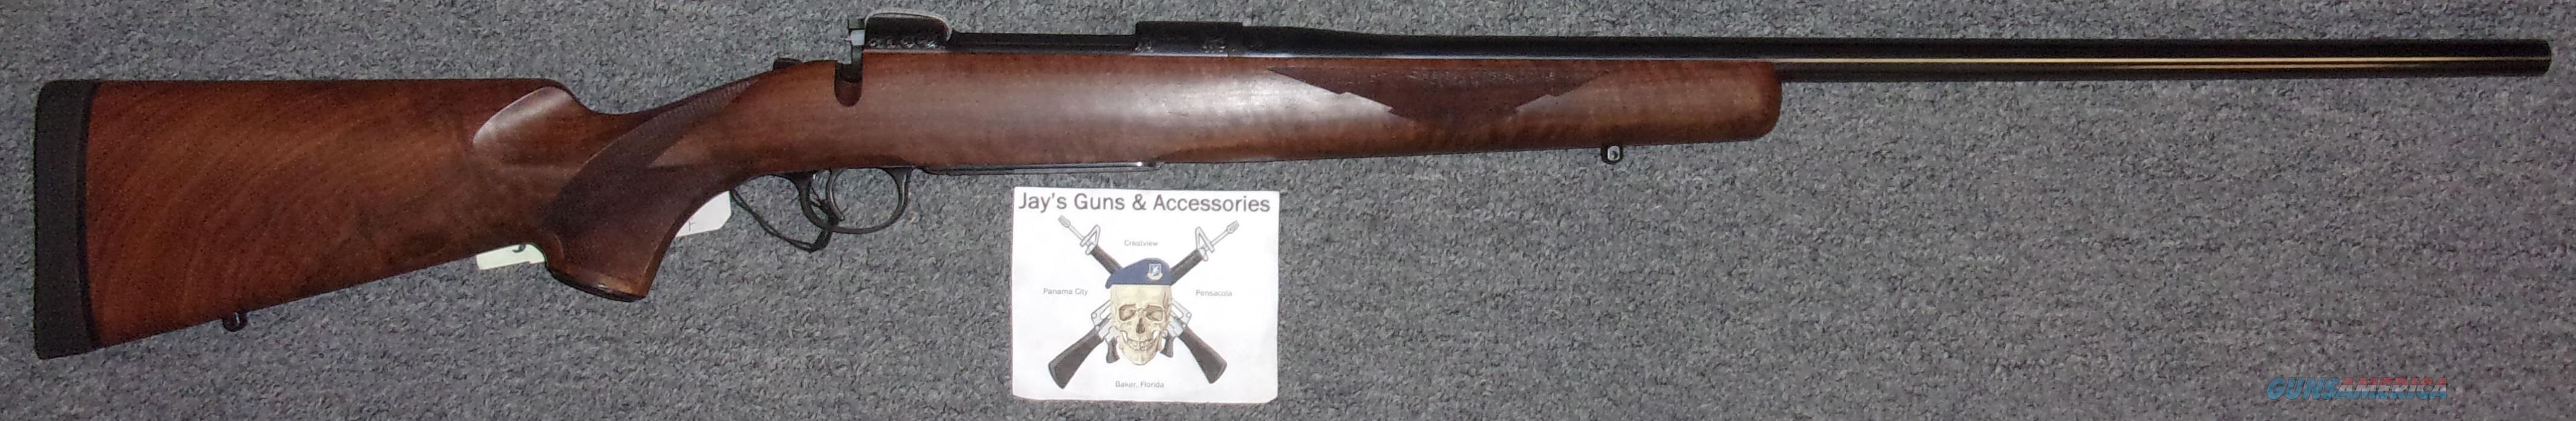 Colt/Cooper Firearms 52  Guns > Rifles > Colt Rifles - Non-AR15 Modern Rifles